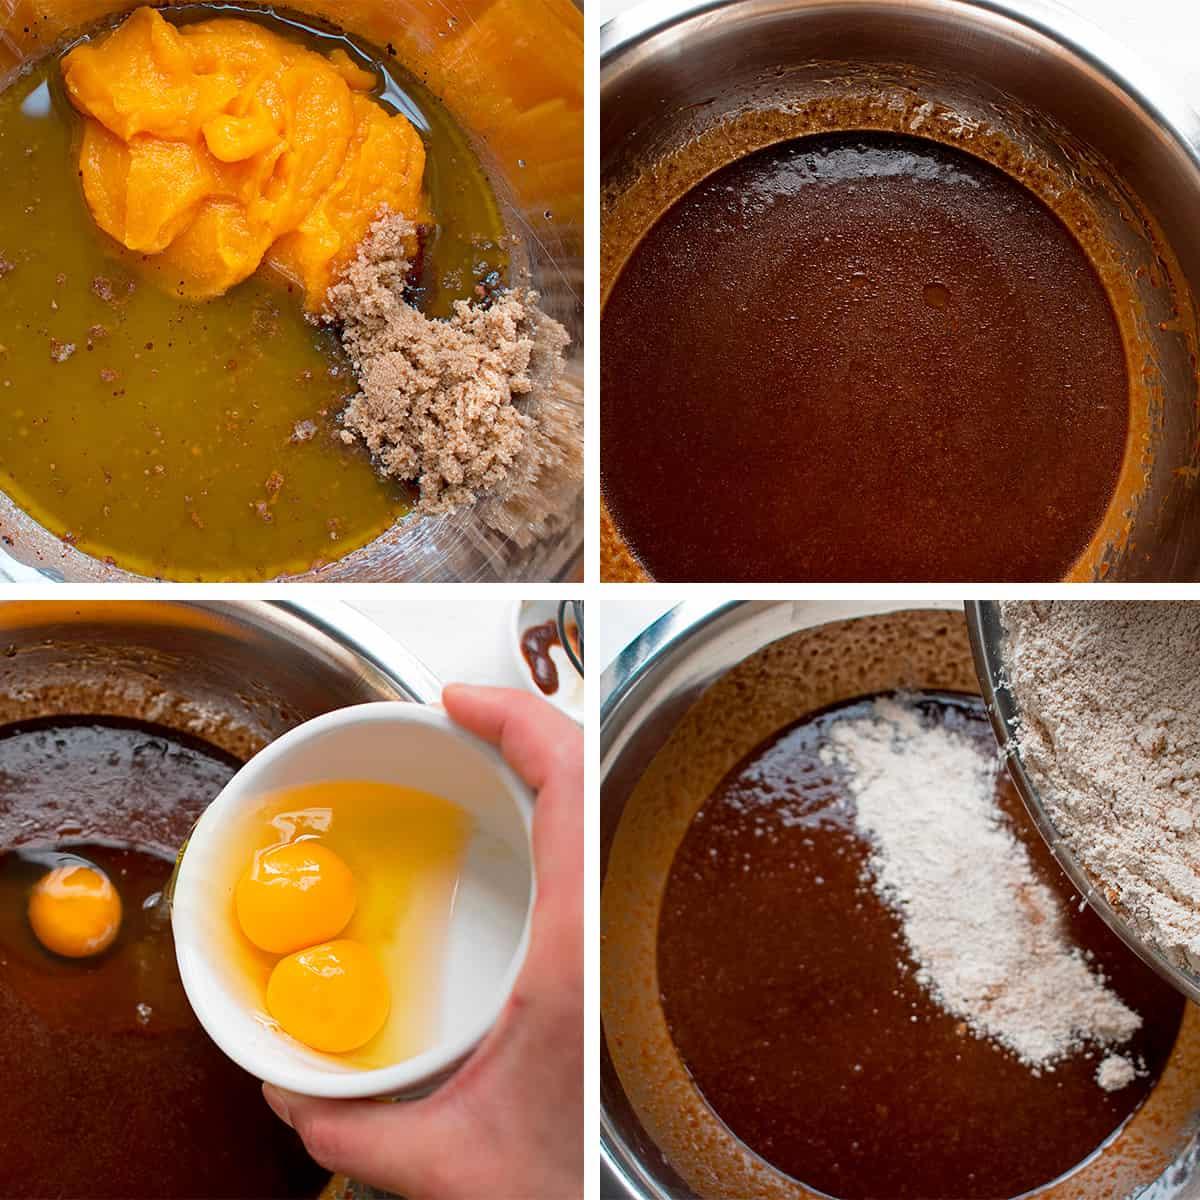 procedimento para preparar brownies